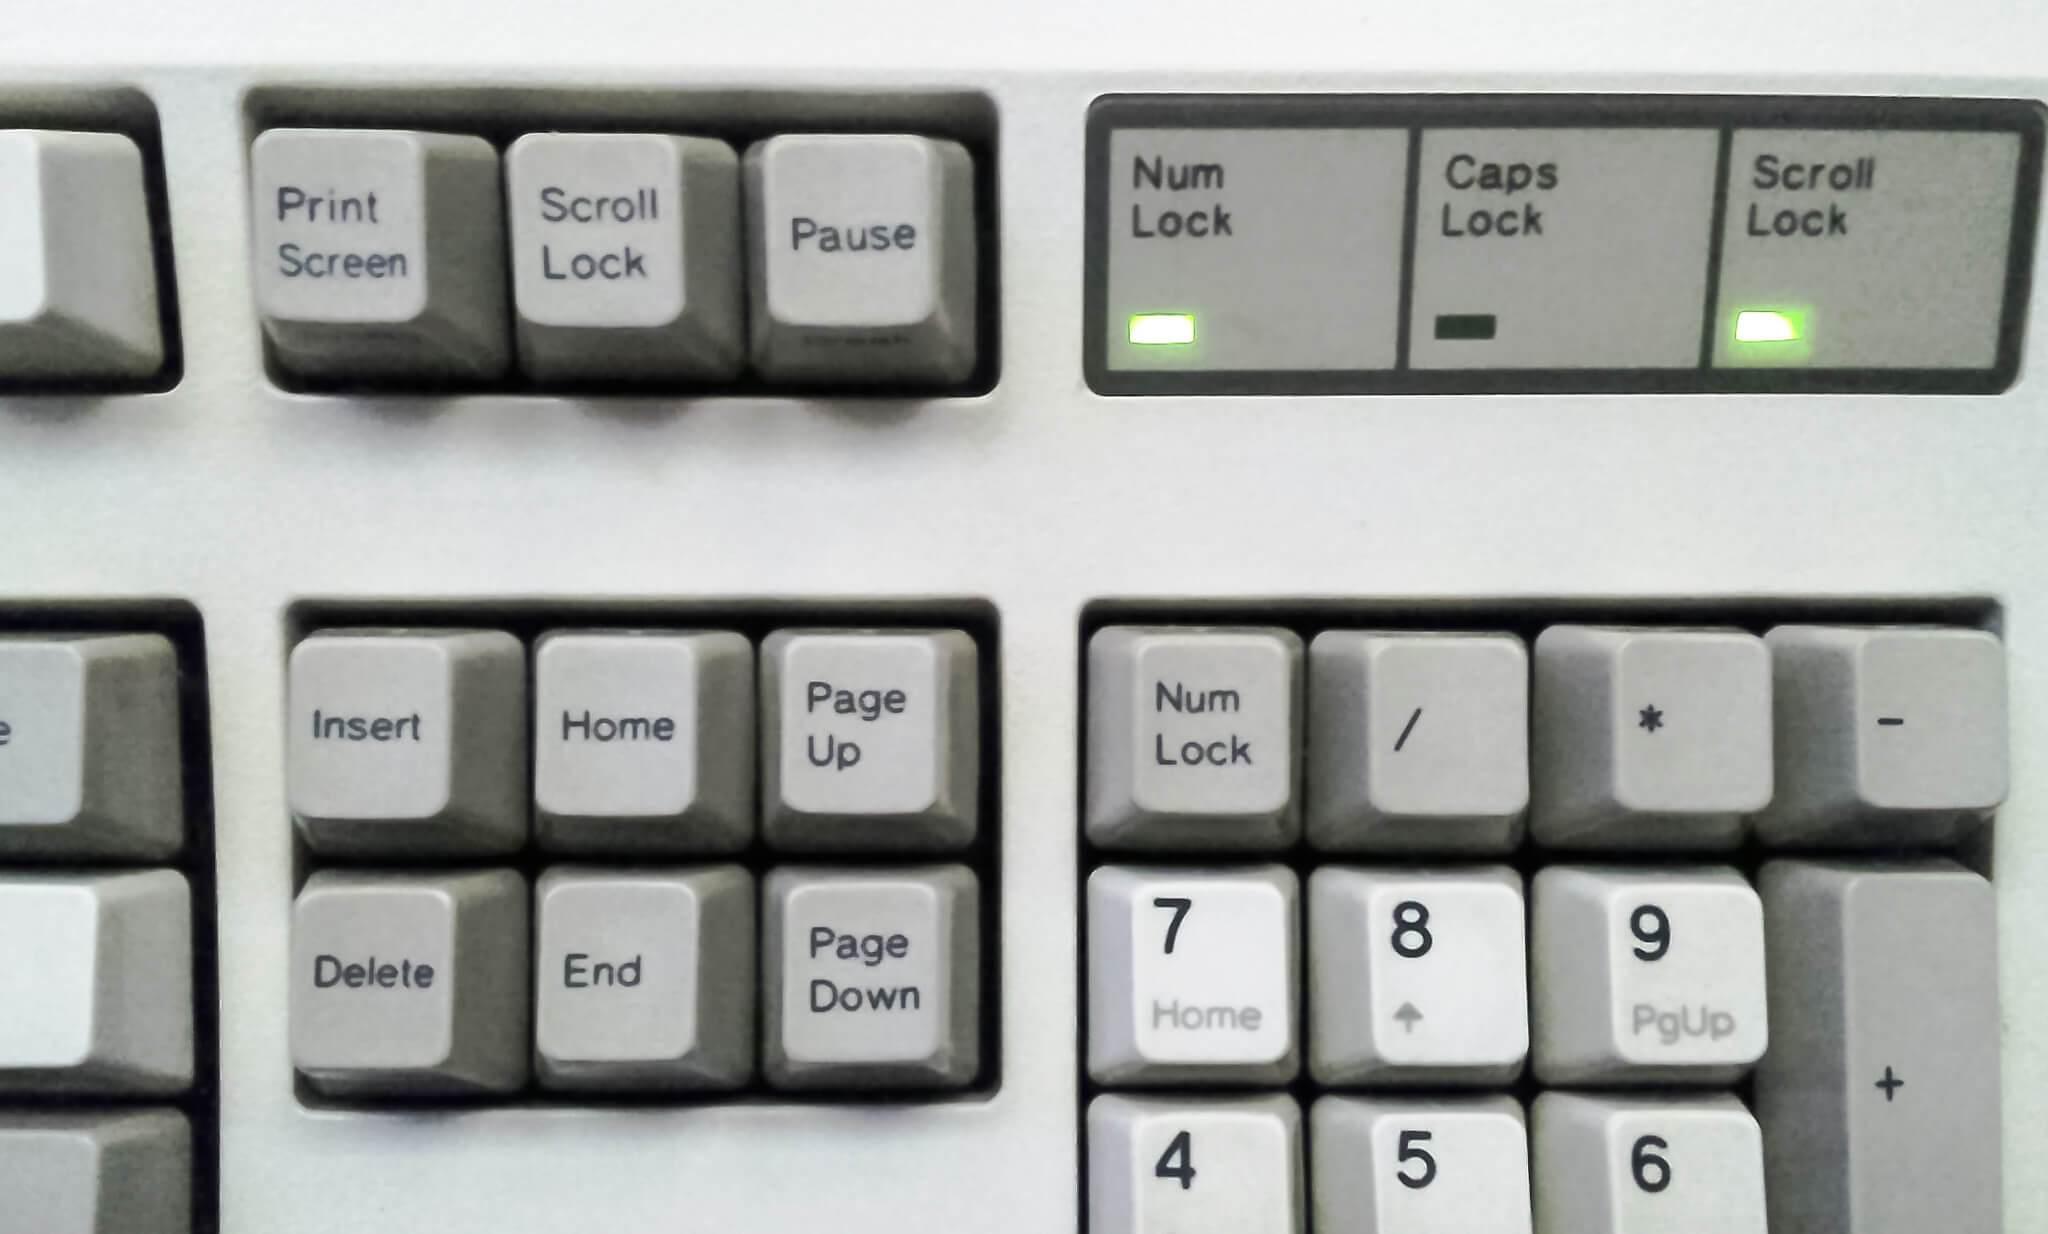 Ekranda Caps Lock Açık Kapalı uyarısı görmek için Program